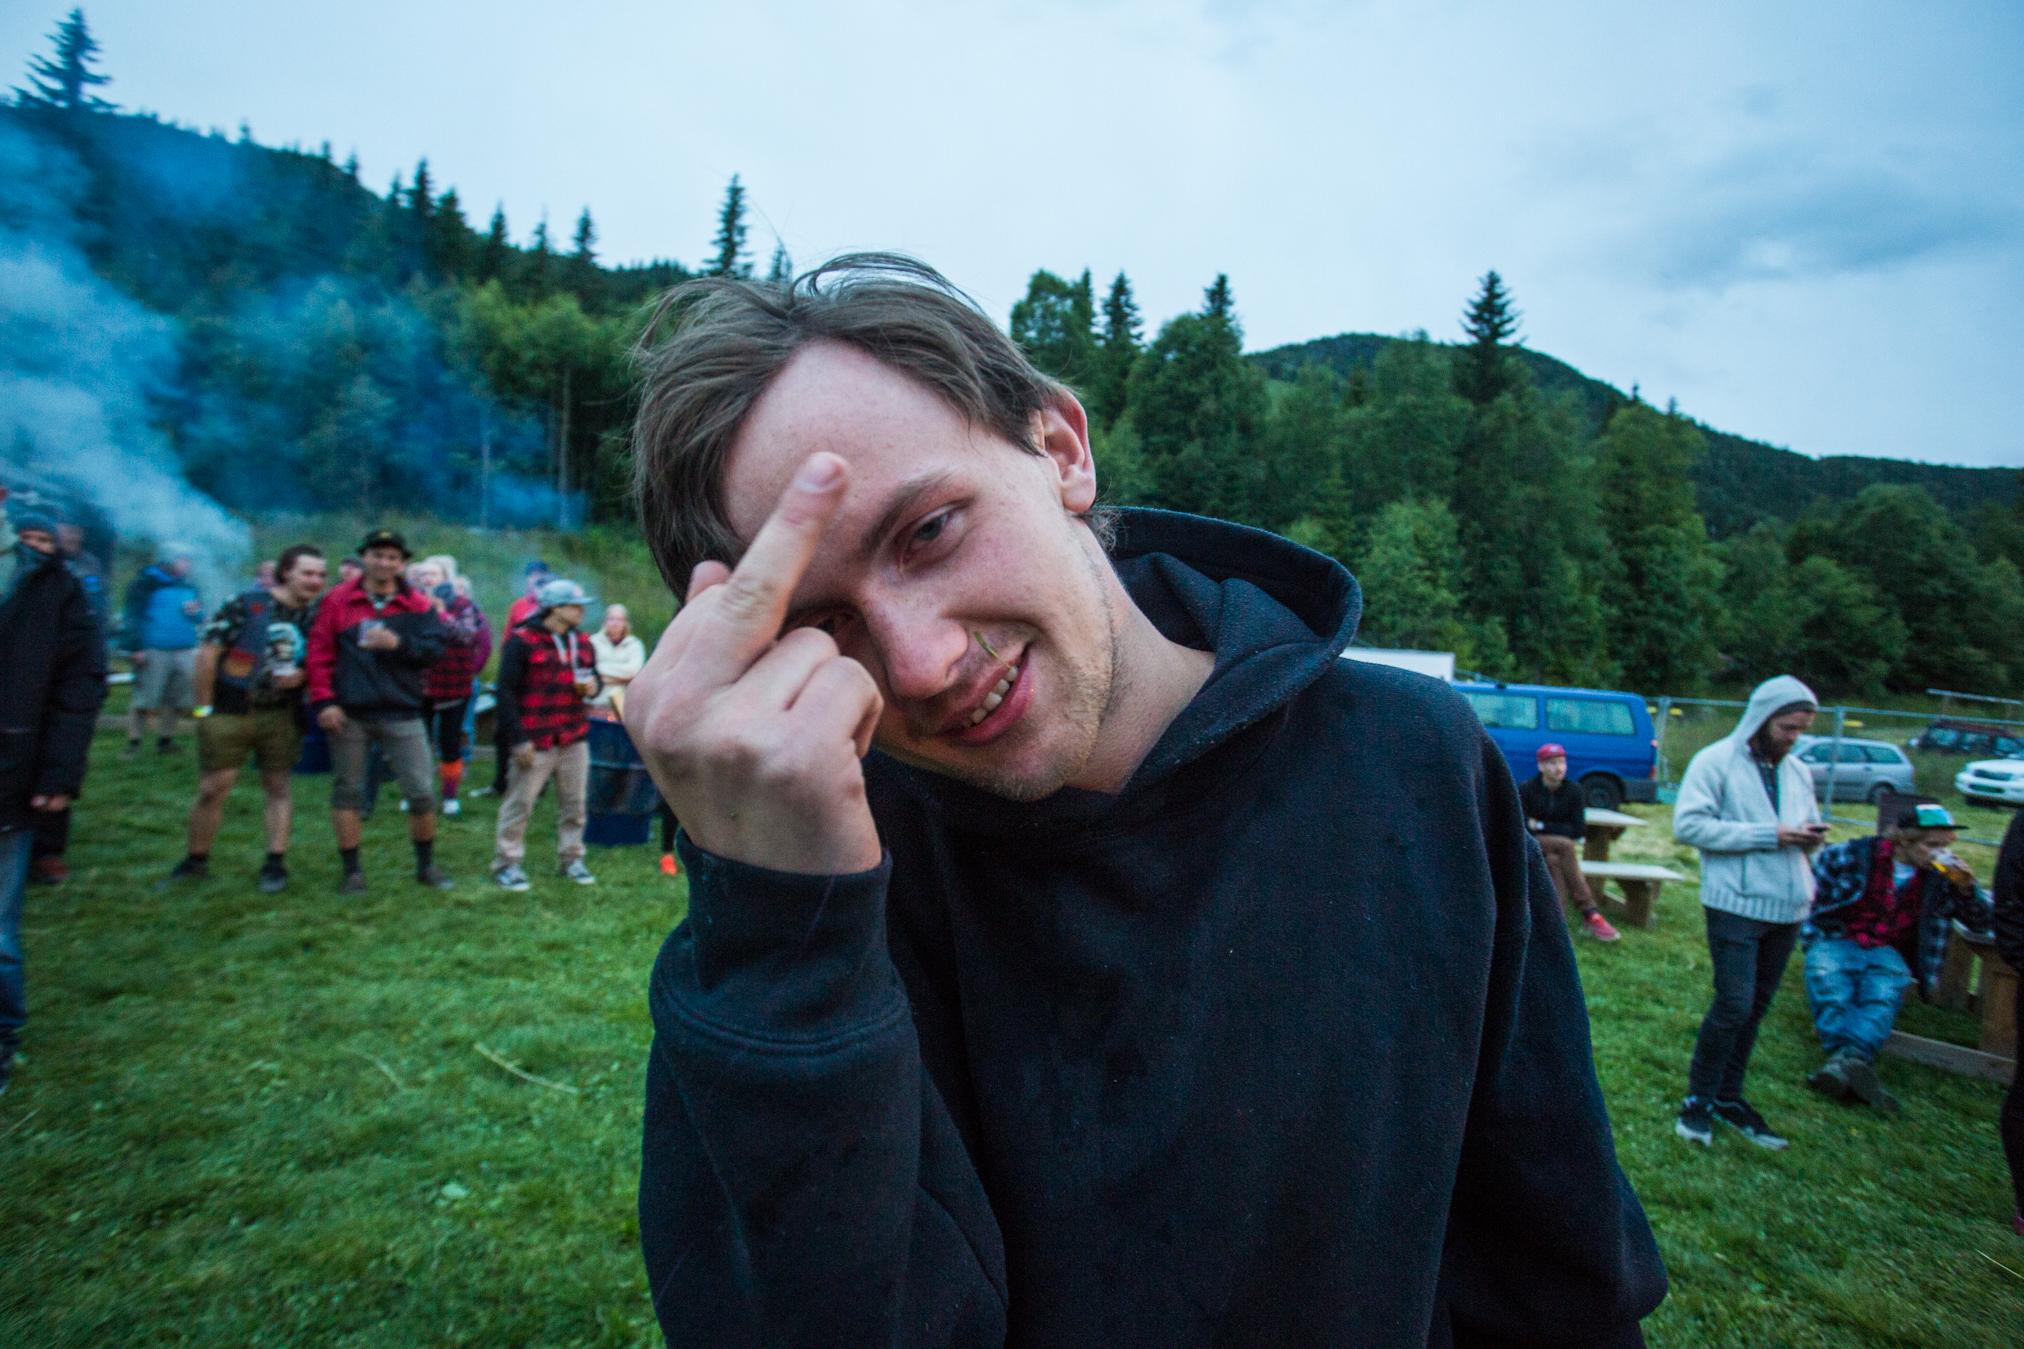 250715_fausko_ål_hilbillyhuckfest_festseries_jamsession_låvefest-54.jpg